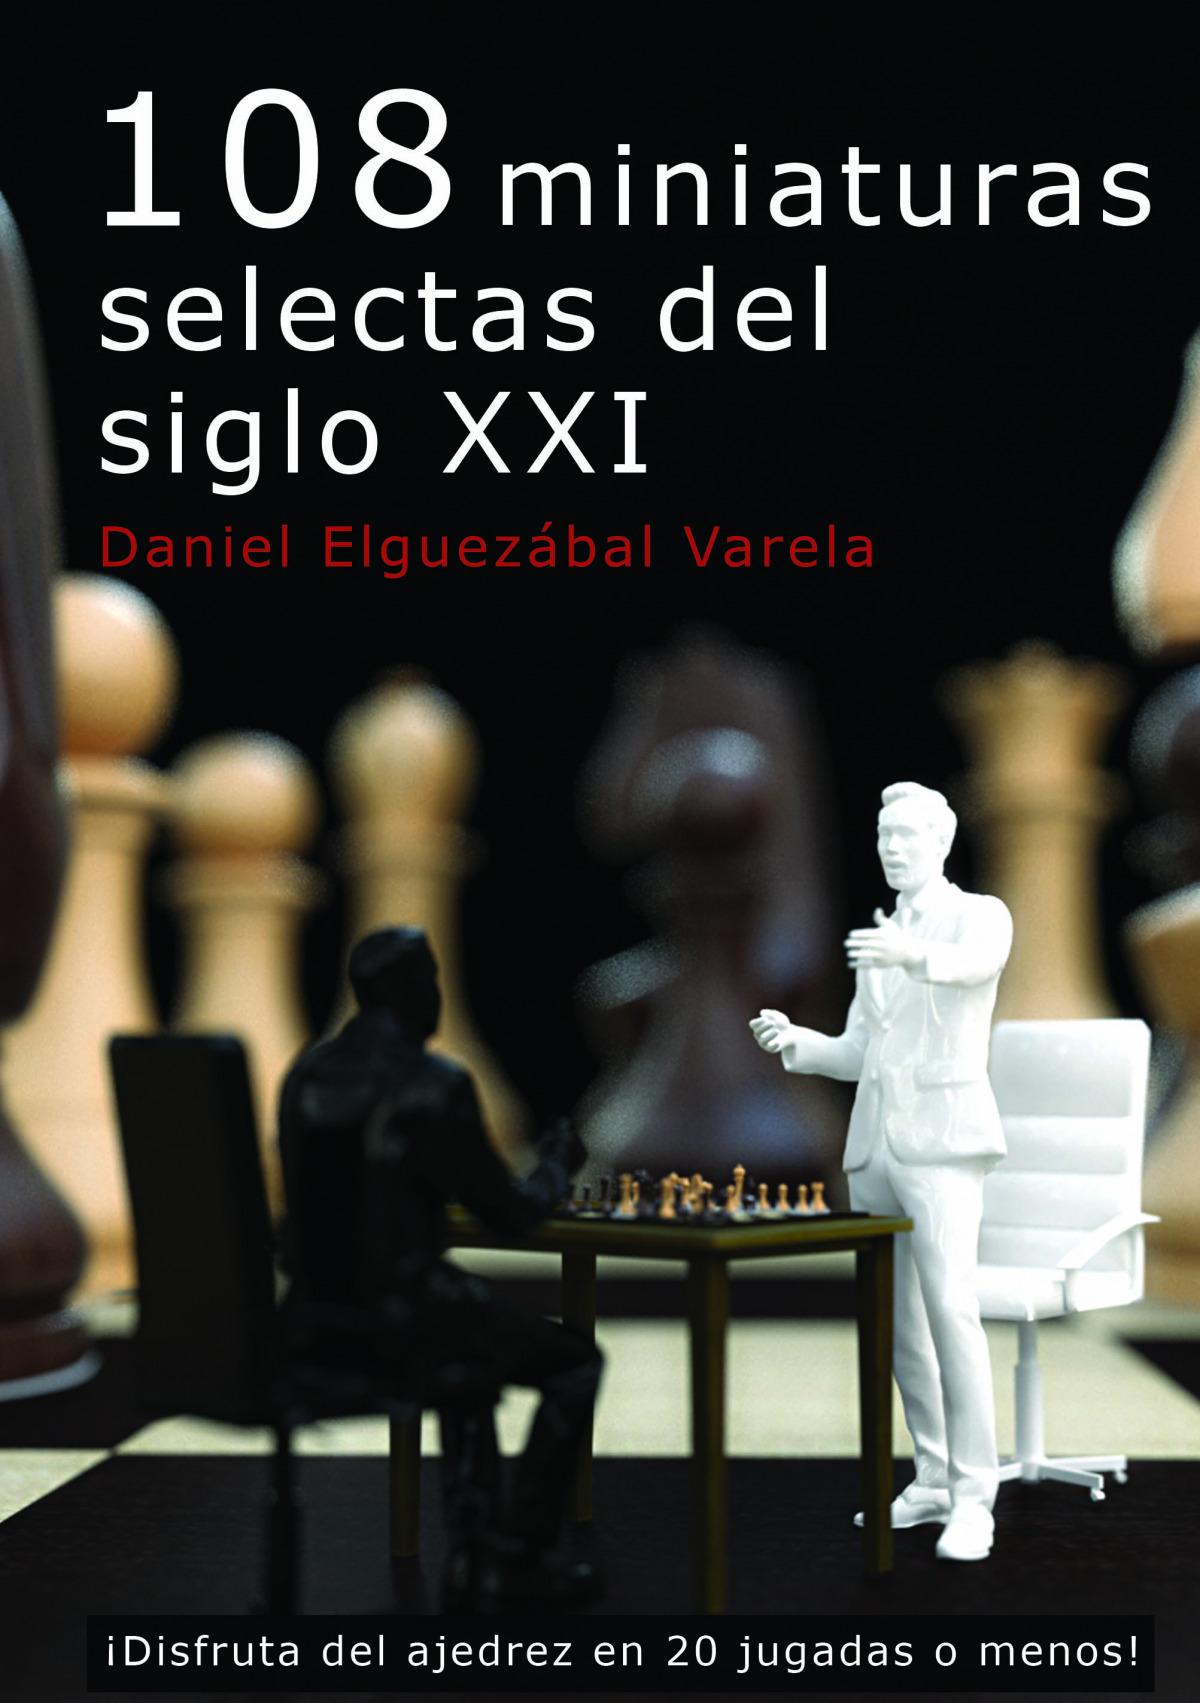 108 MINIATURAS SELECTAS DEL SIGLO XXI 9788412112993